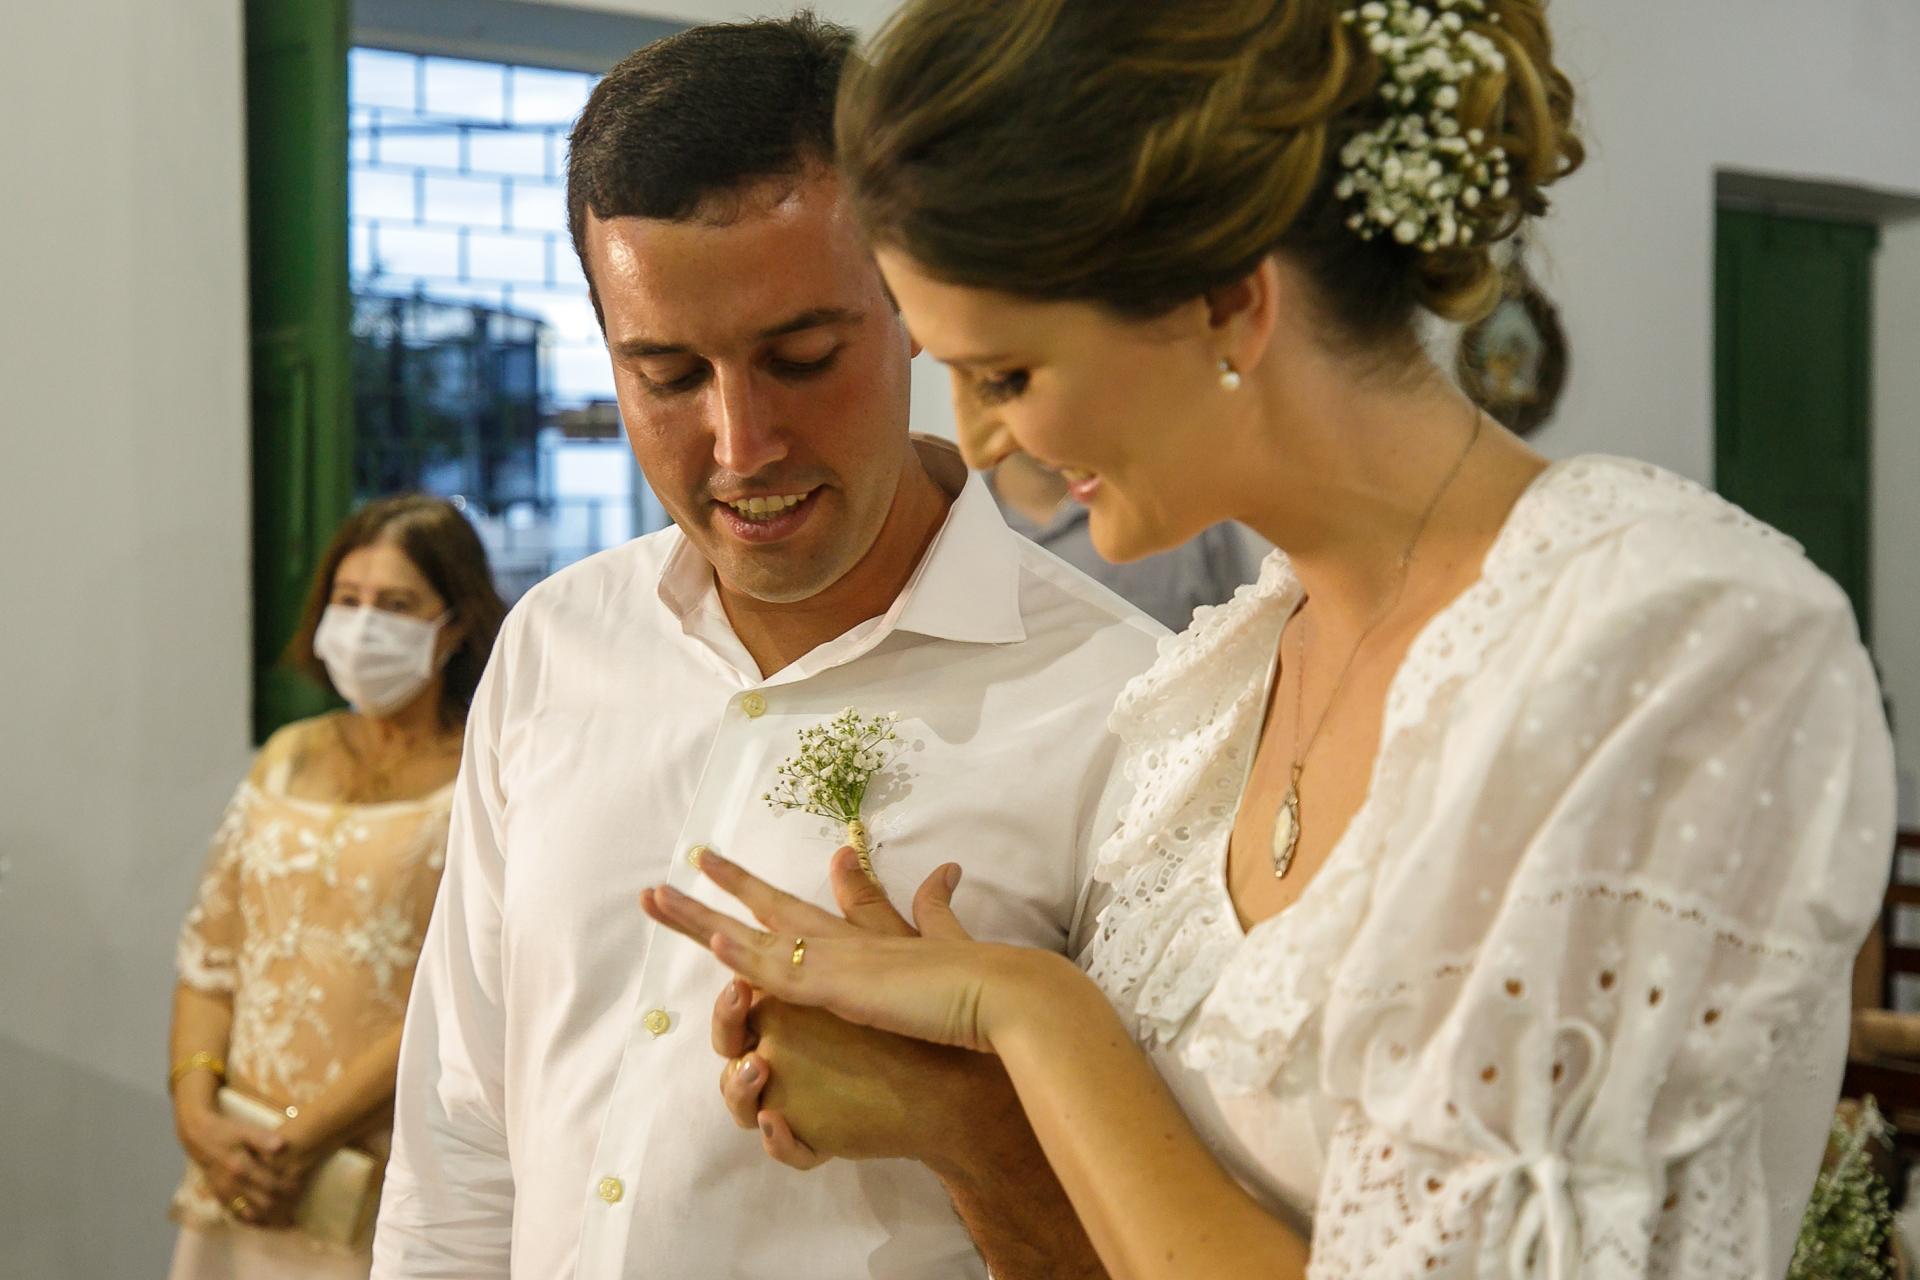 Cérémonie de mariage photo à AL, Brésil | La mariée sourit et admire sa nouvelle alliance